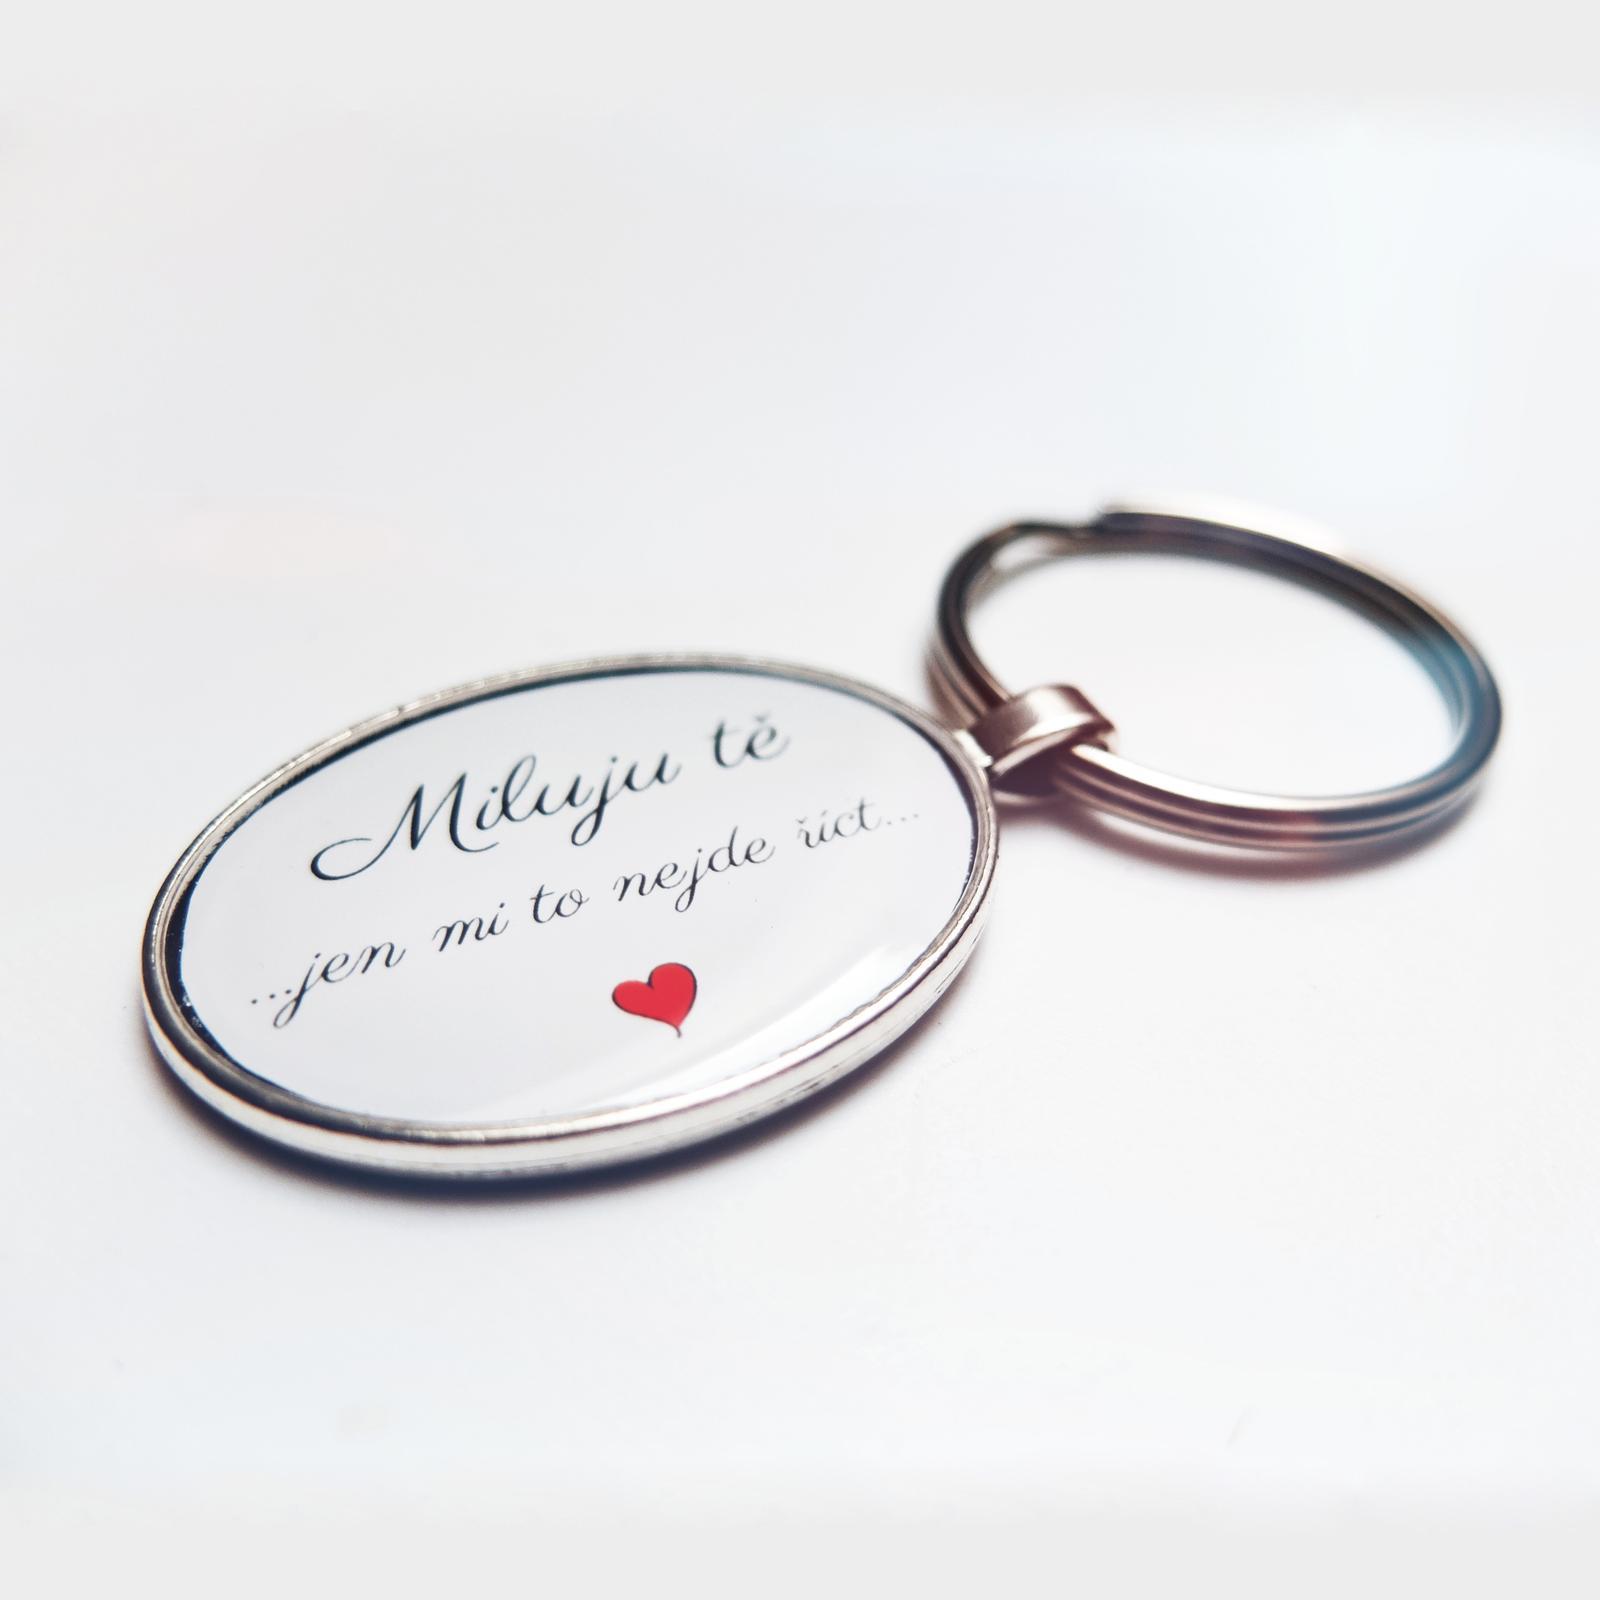 Doplňky pro nevěstu - přívěsek s vyznáním lásky